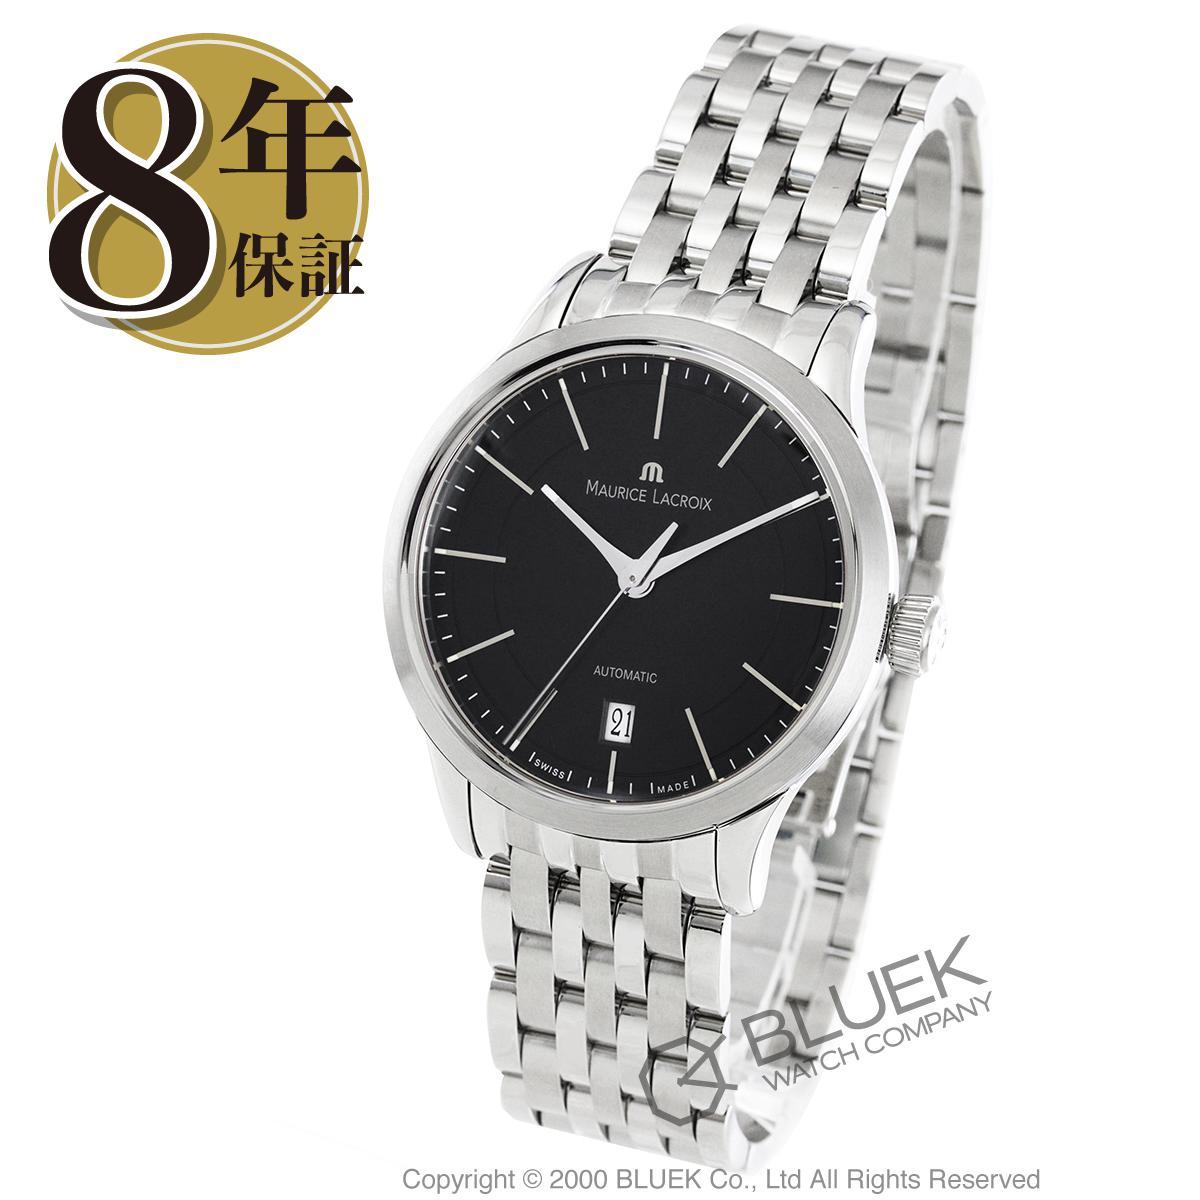 モーリス・ラクロア レ・クラシック デイト 腕時計 メンズ MAURICE LACROIX LC6017-SS002-330_8